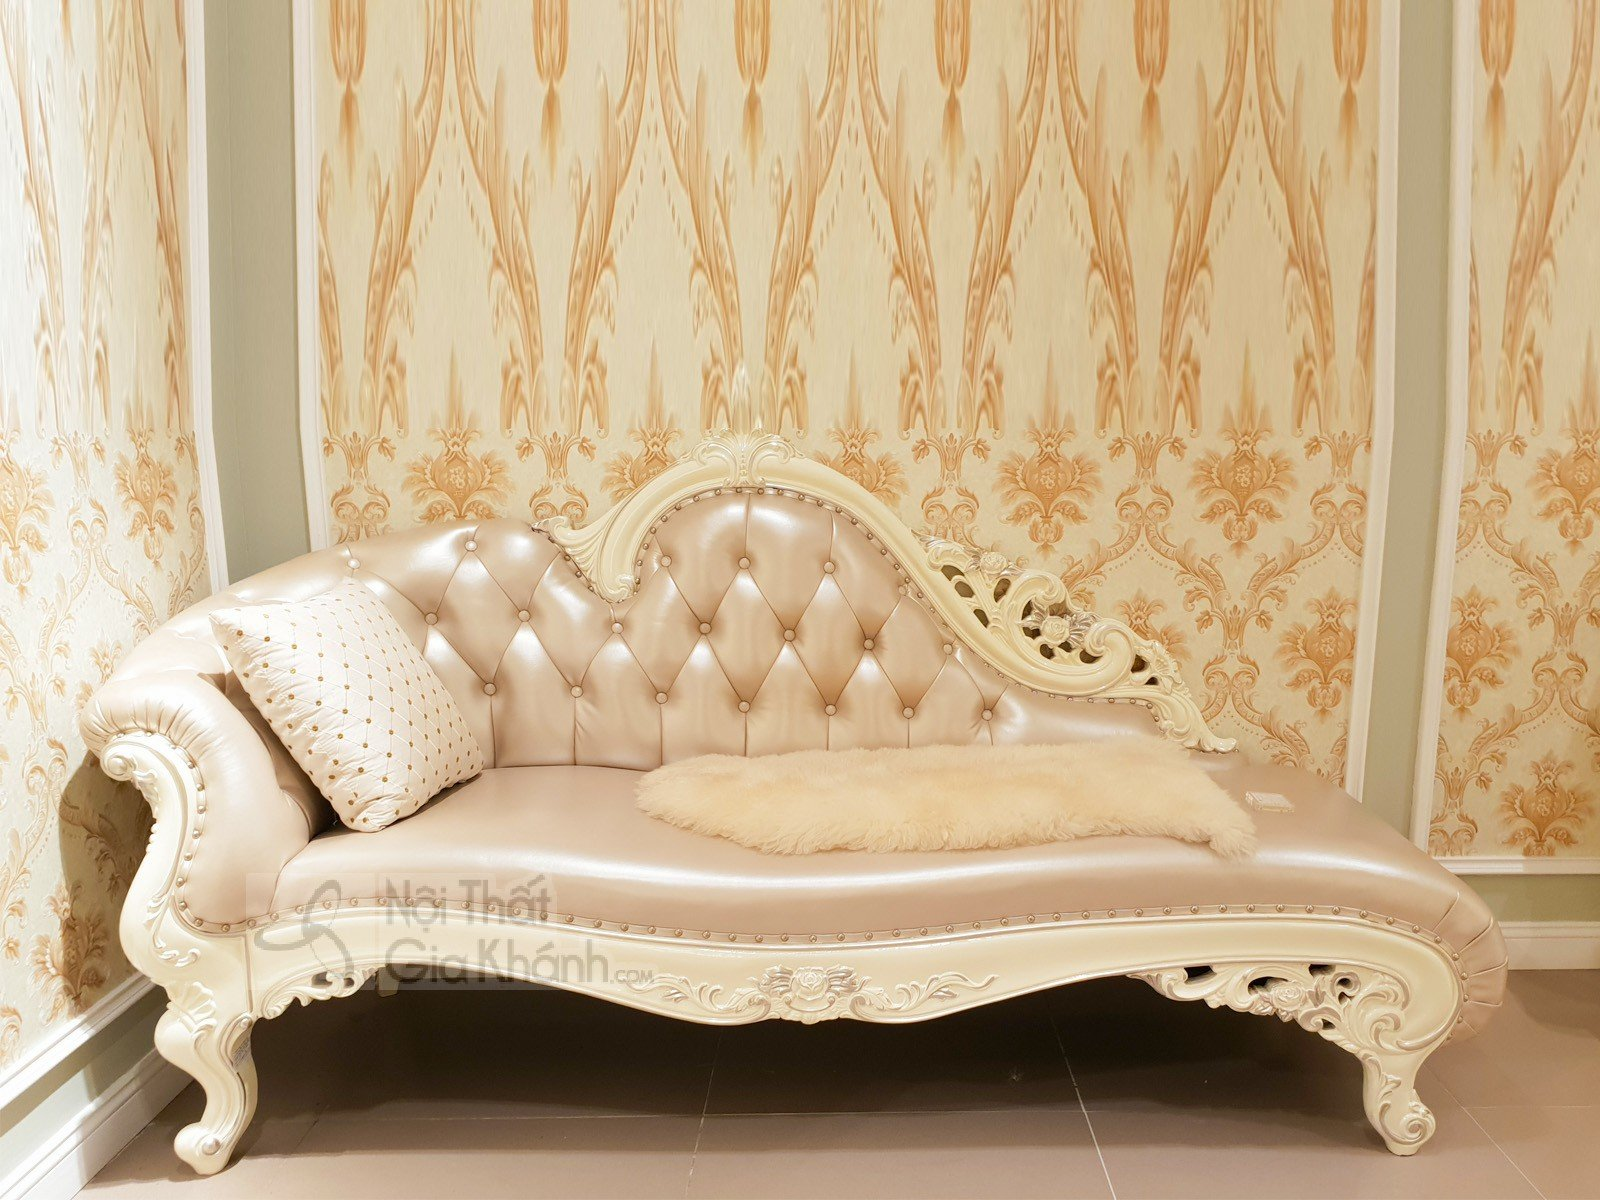 Ghế quý phi - Sofa phòng ngủ da phối nỉ cao cấp H8801TK - ghe trang ky H8801TK 2100x800x1030 4